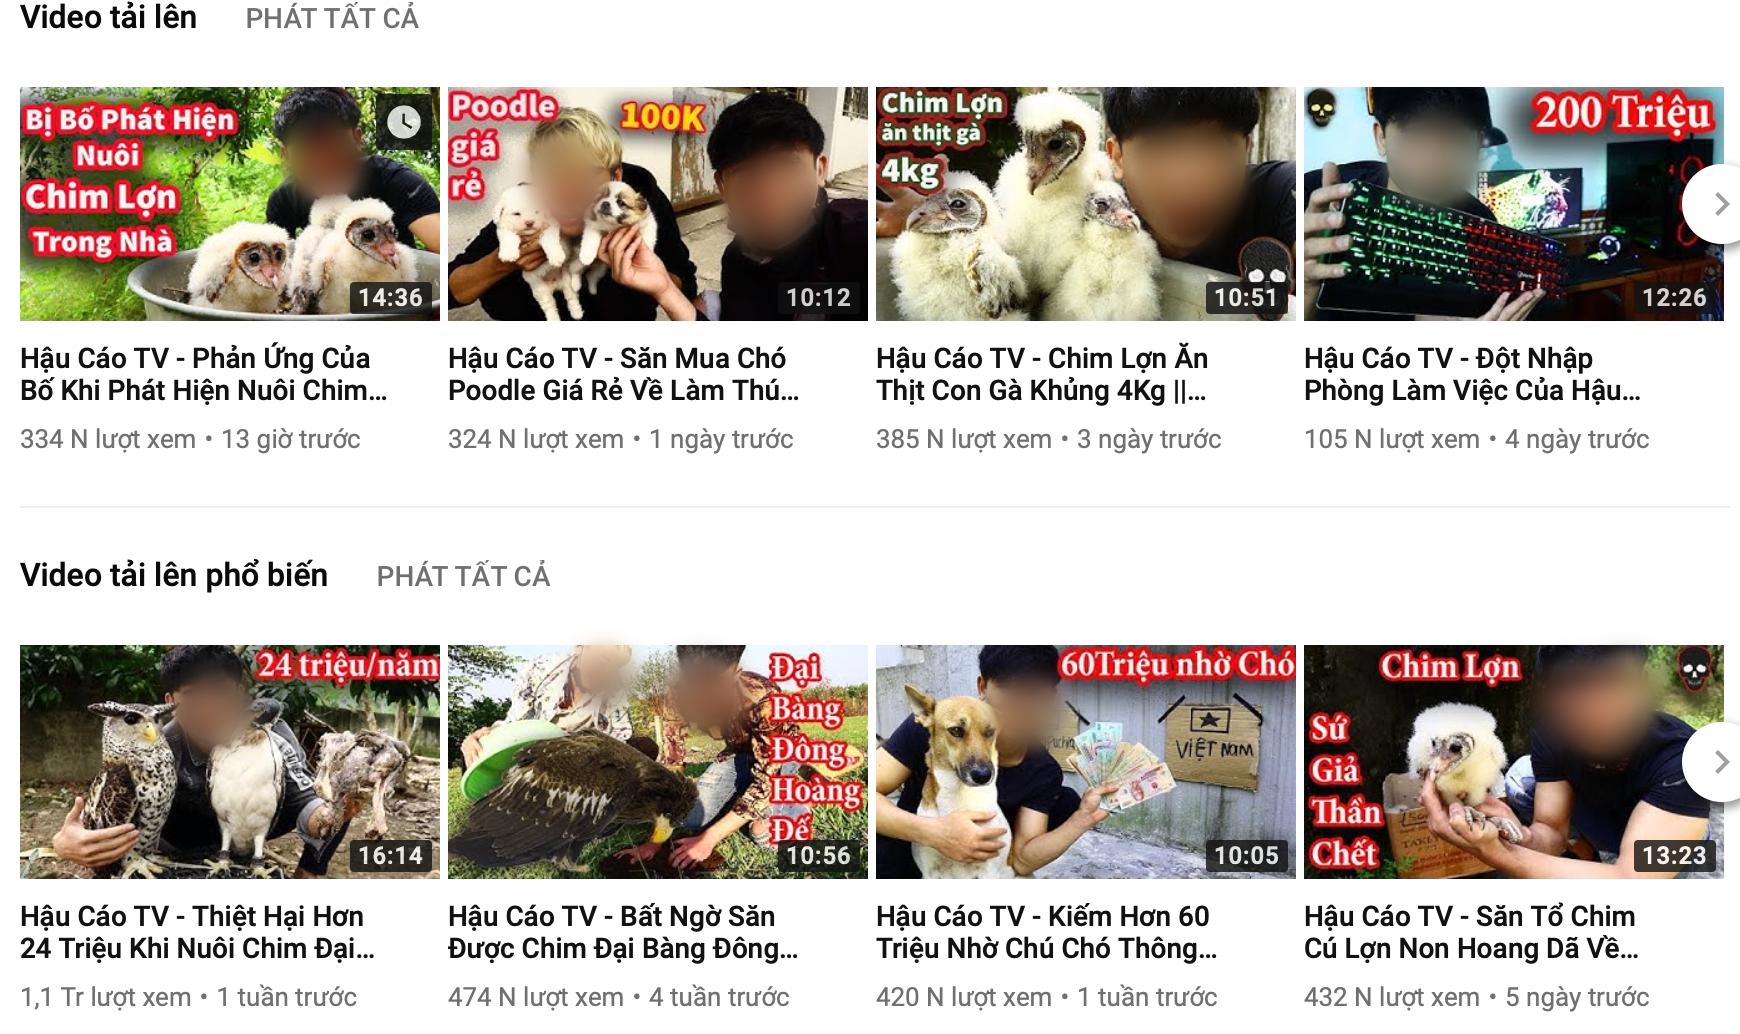 Cộng đồng mạng kêu gọi report kênh youtube của thanh niên lấy xác mèo nướng thịt, ăn xong ném cho chó săn đánh chén - Ảnh 1.